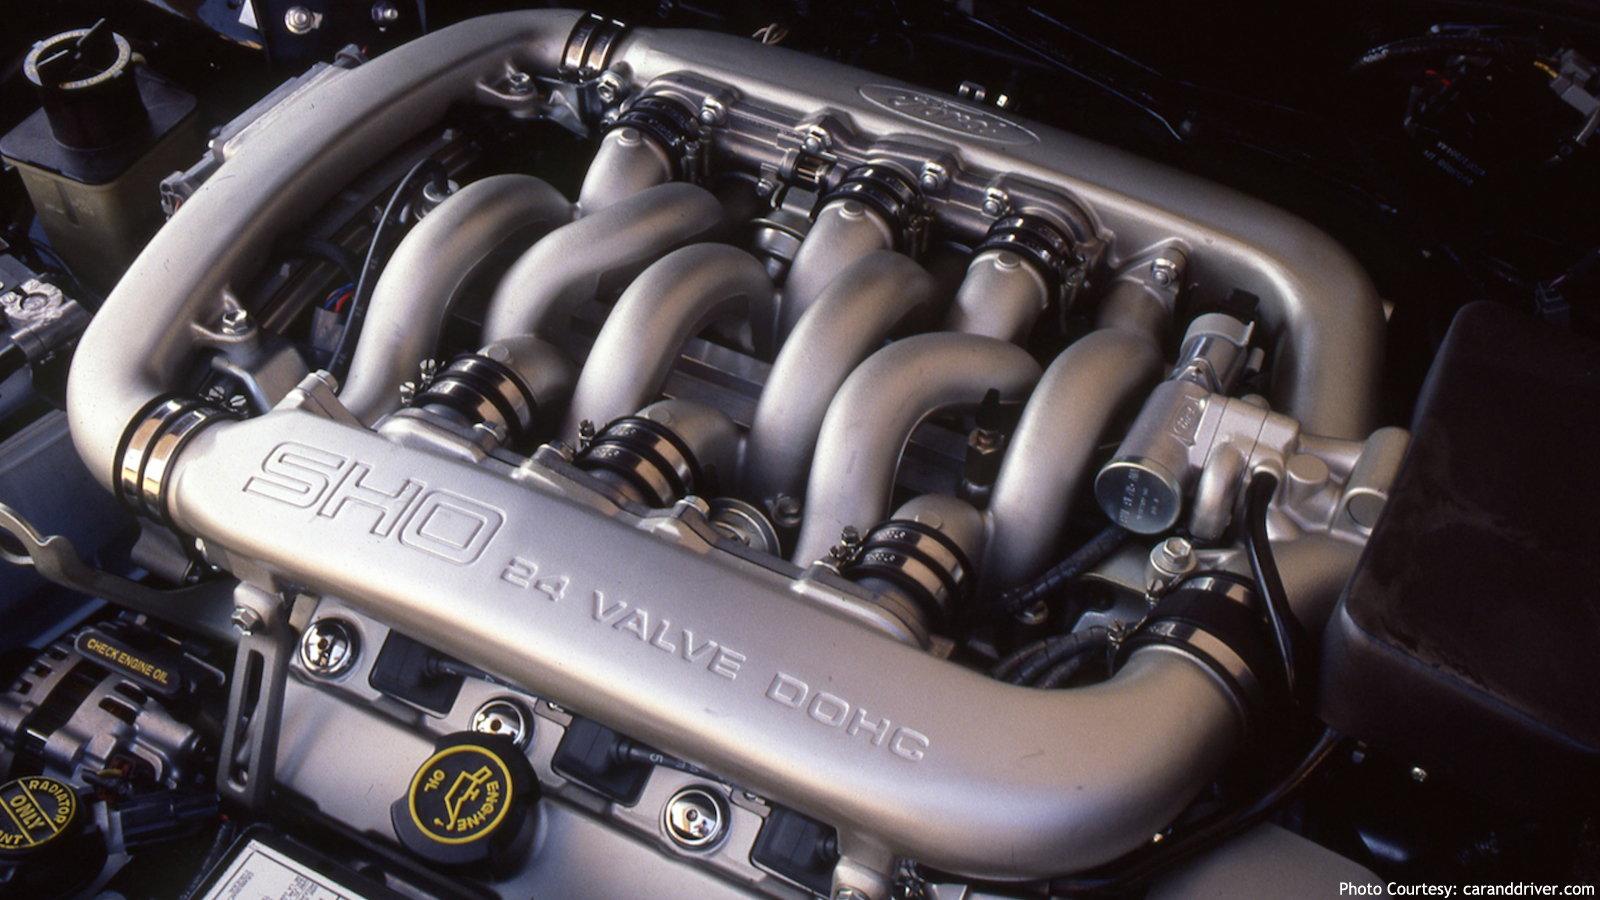 The Twin Turbo